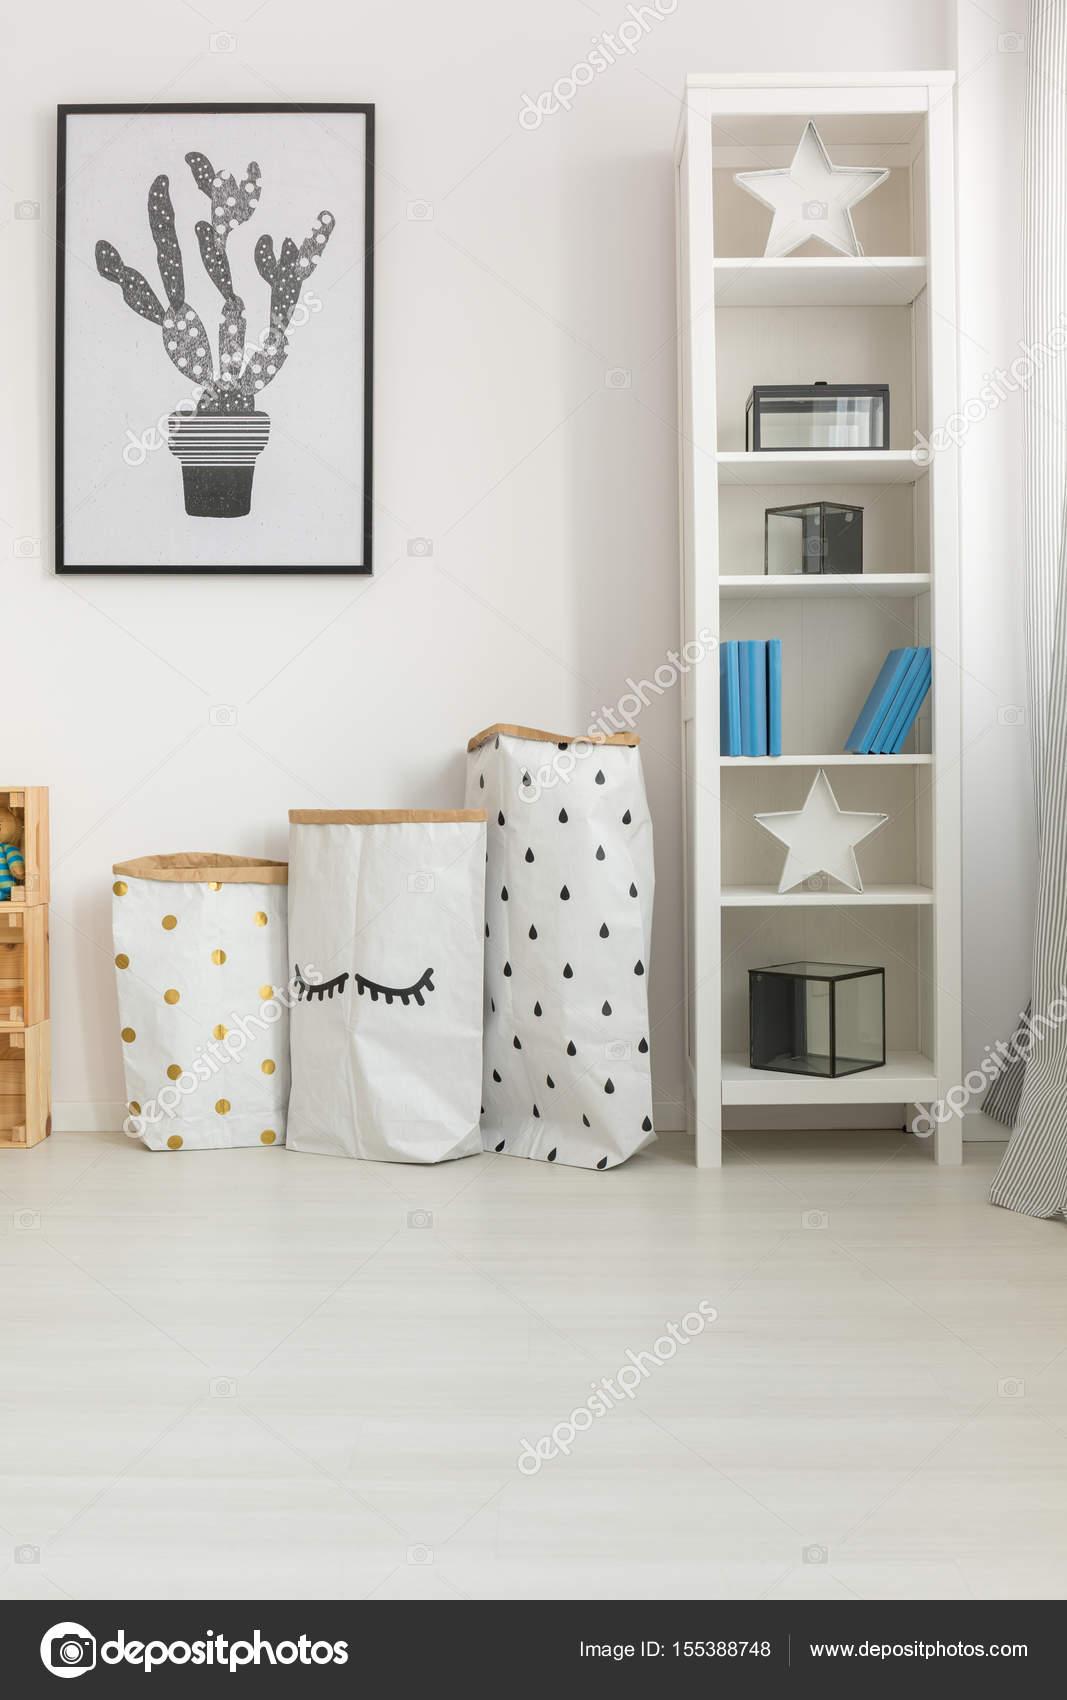 Décoration simple dans la chambre de bébé — Photographie ...